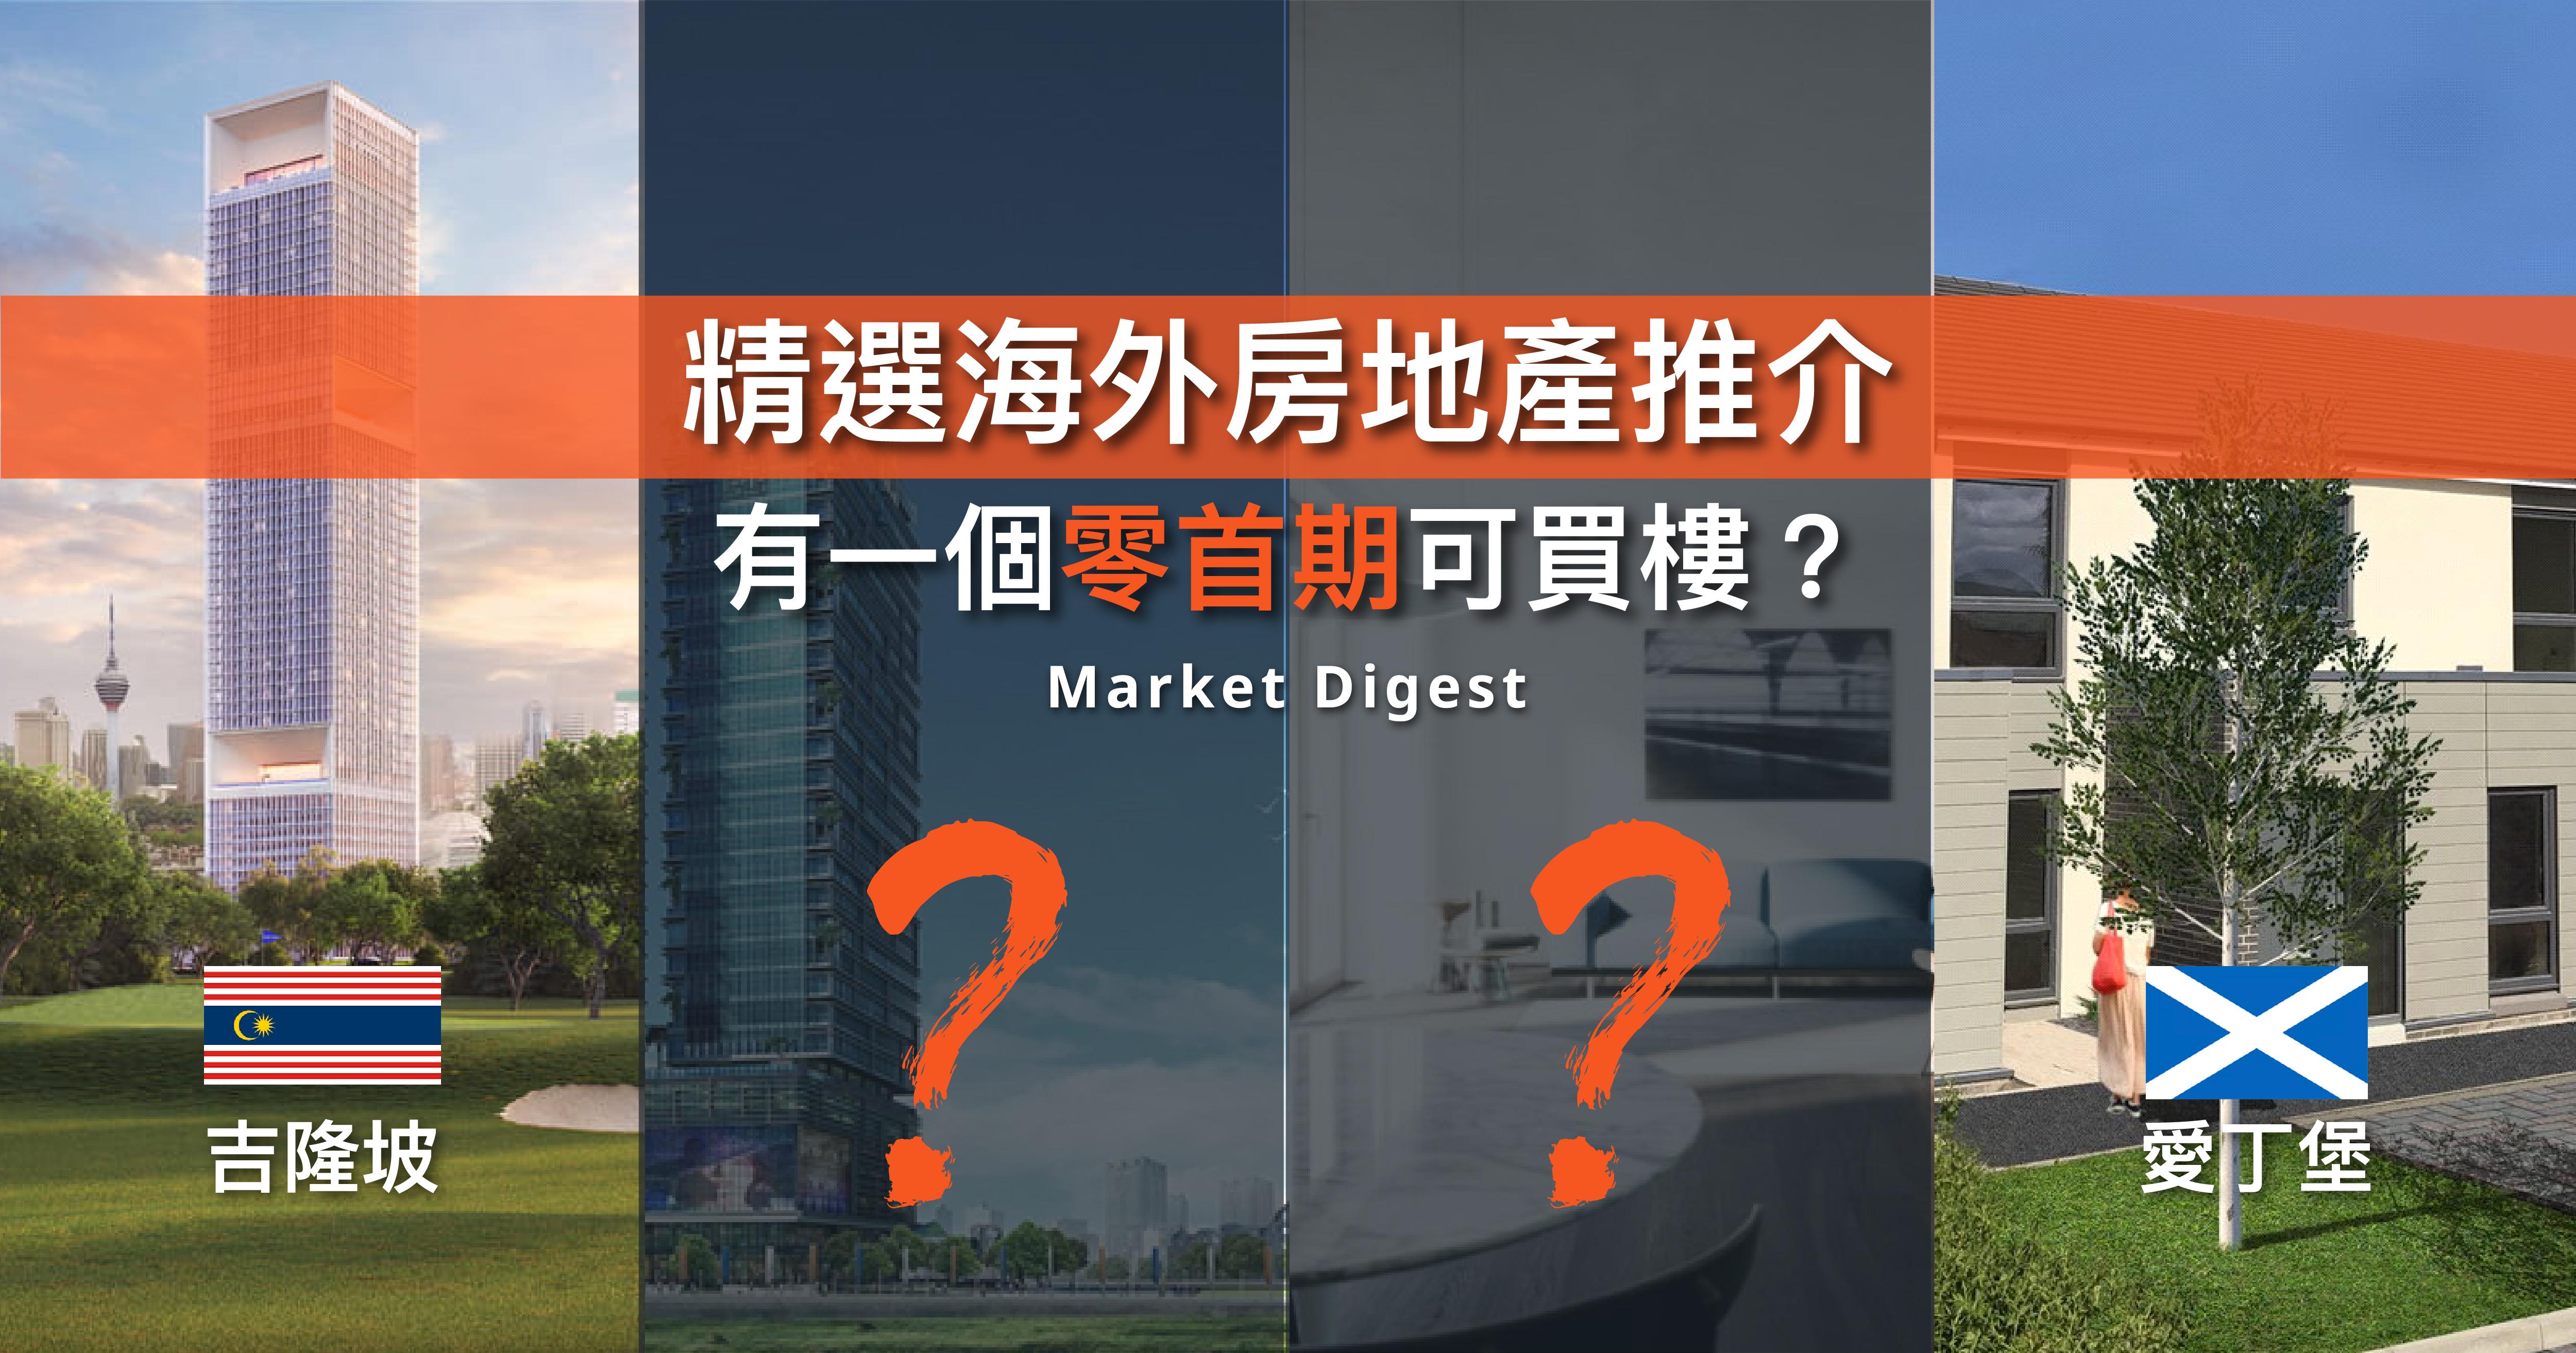 【海外樓市探索】精選海外房地產推介 有一個零首期可買樓?